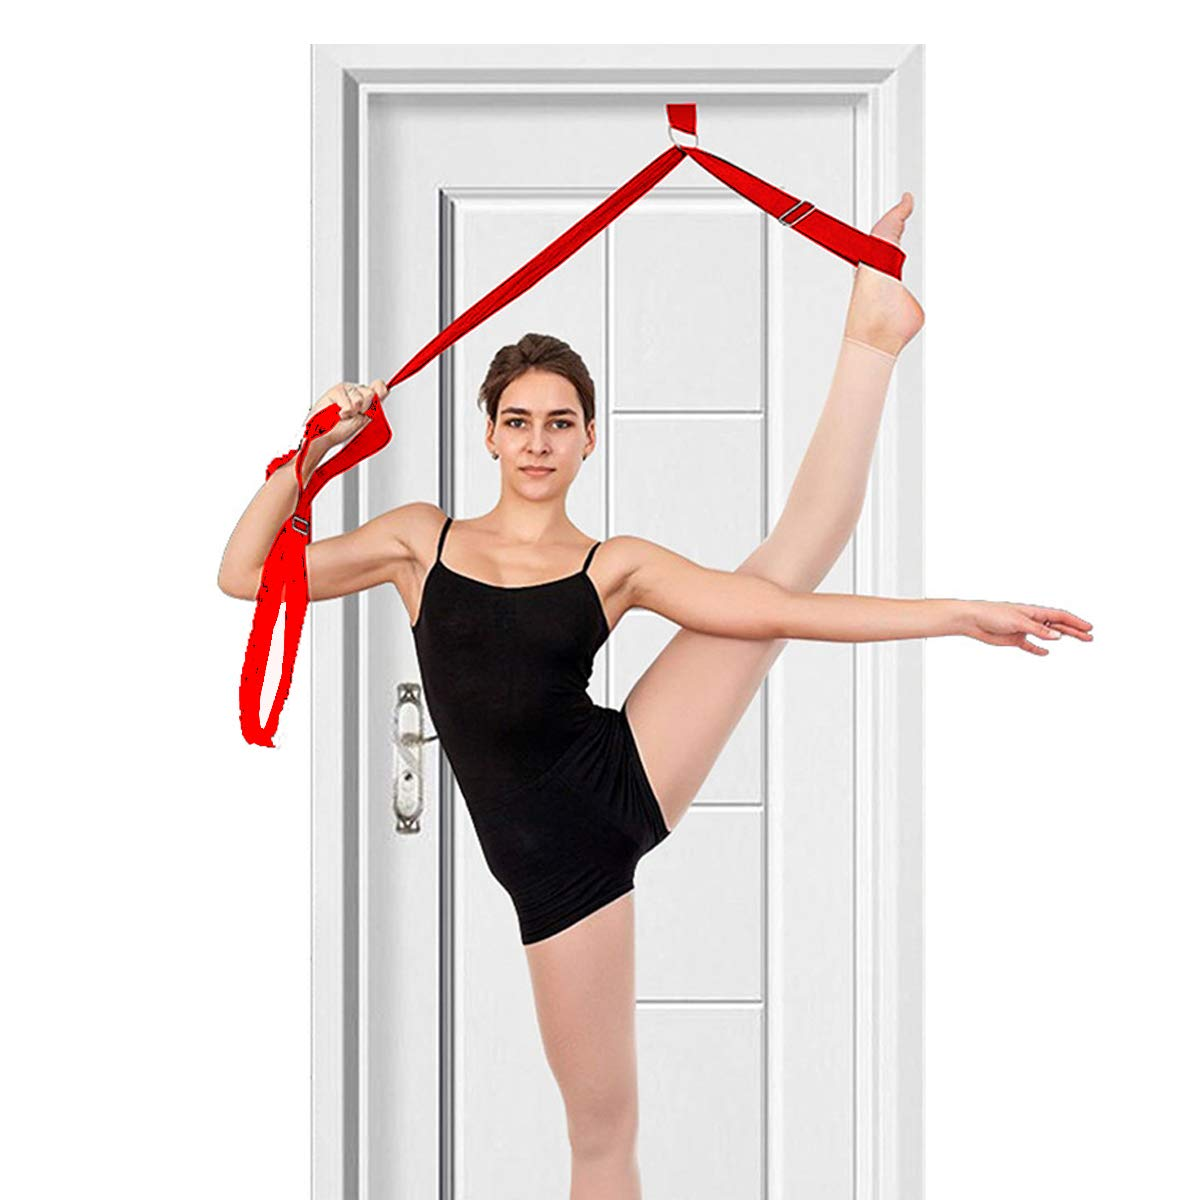 Rouge tchrulesAZB /Écarteur de Jambe flexibilit/é de Porte et Sangle /étirable Id/éal pour Le Ballet Cheer Dance Gymnastique ou Tout Autre Sport /étireur de Jambe